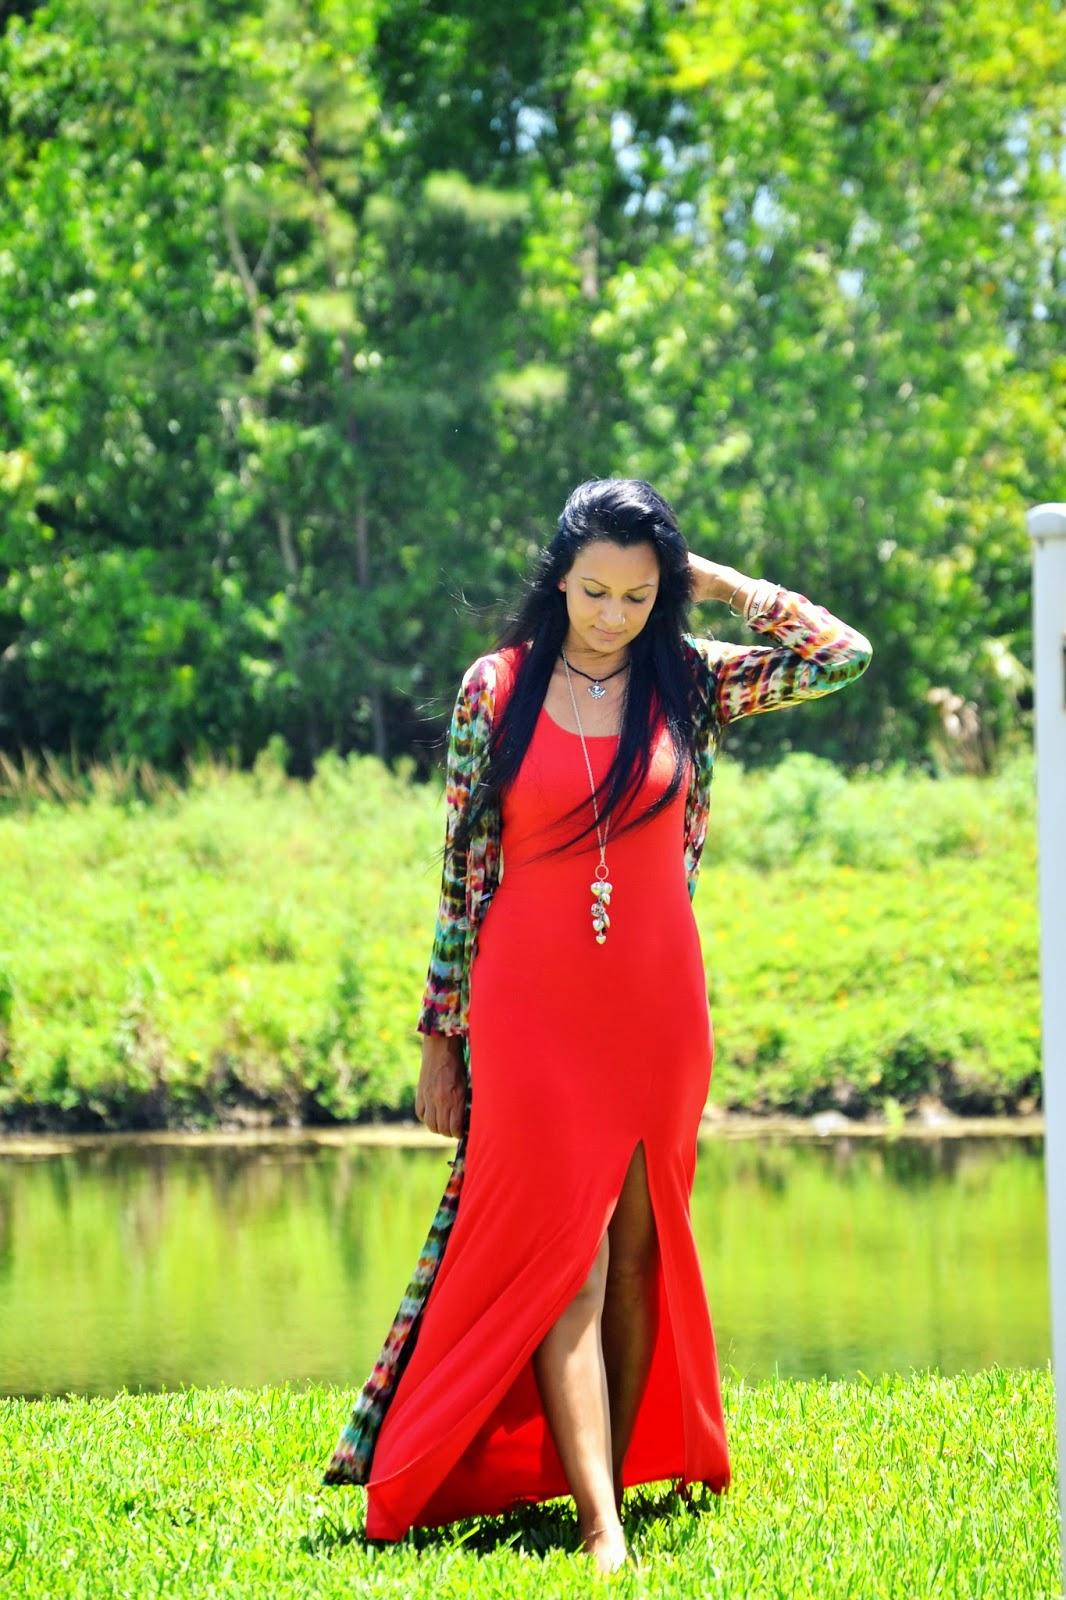 How to wear kimono, Korean fashion, wholesale clothing, fashion clothes, fashion clothing, designer fashion online